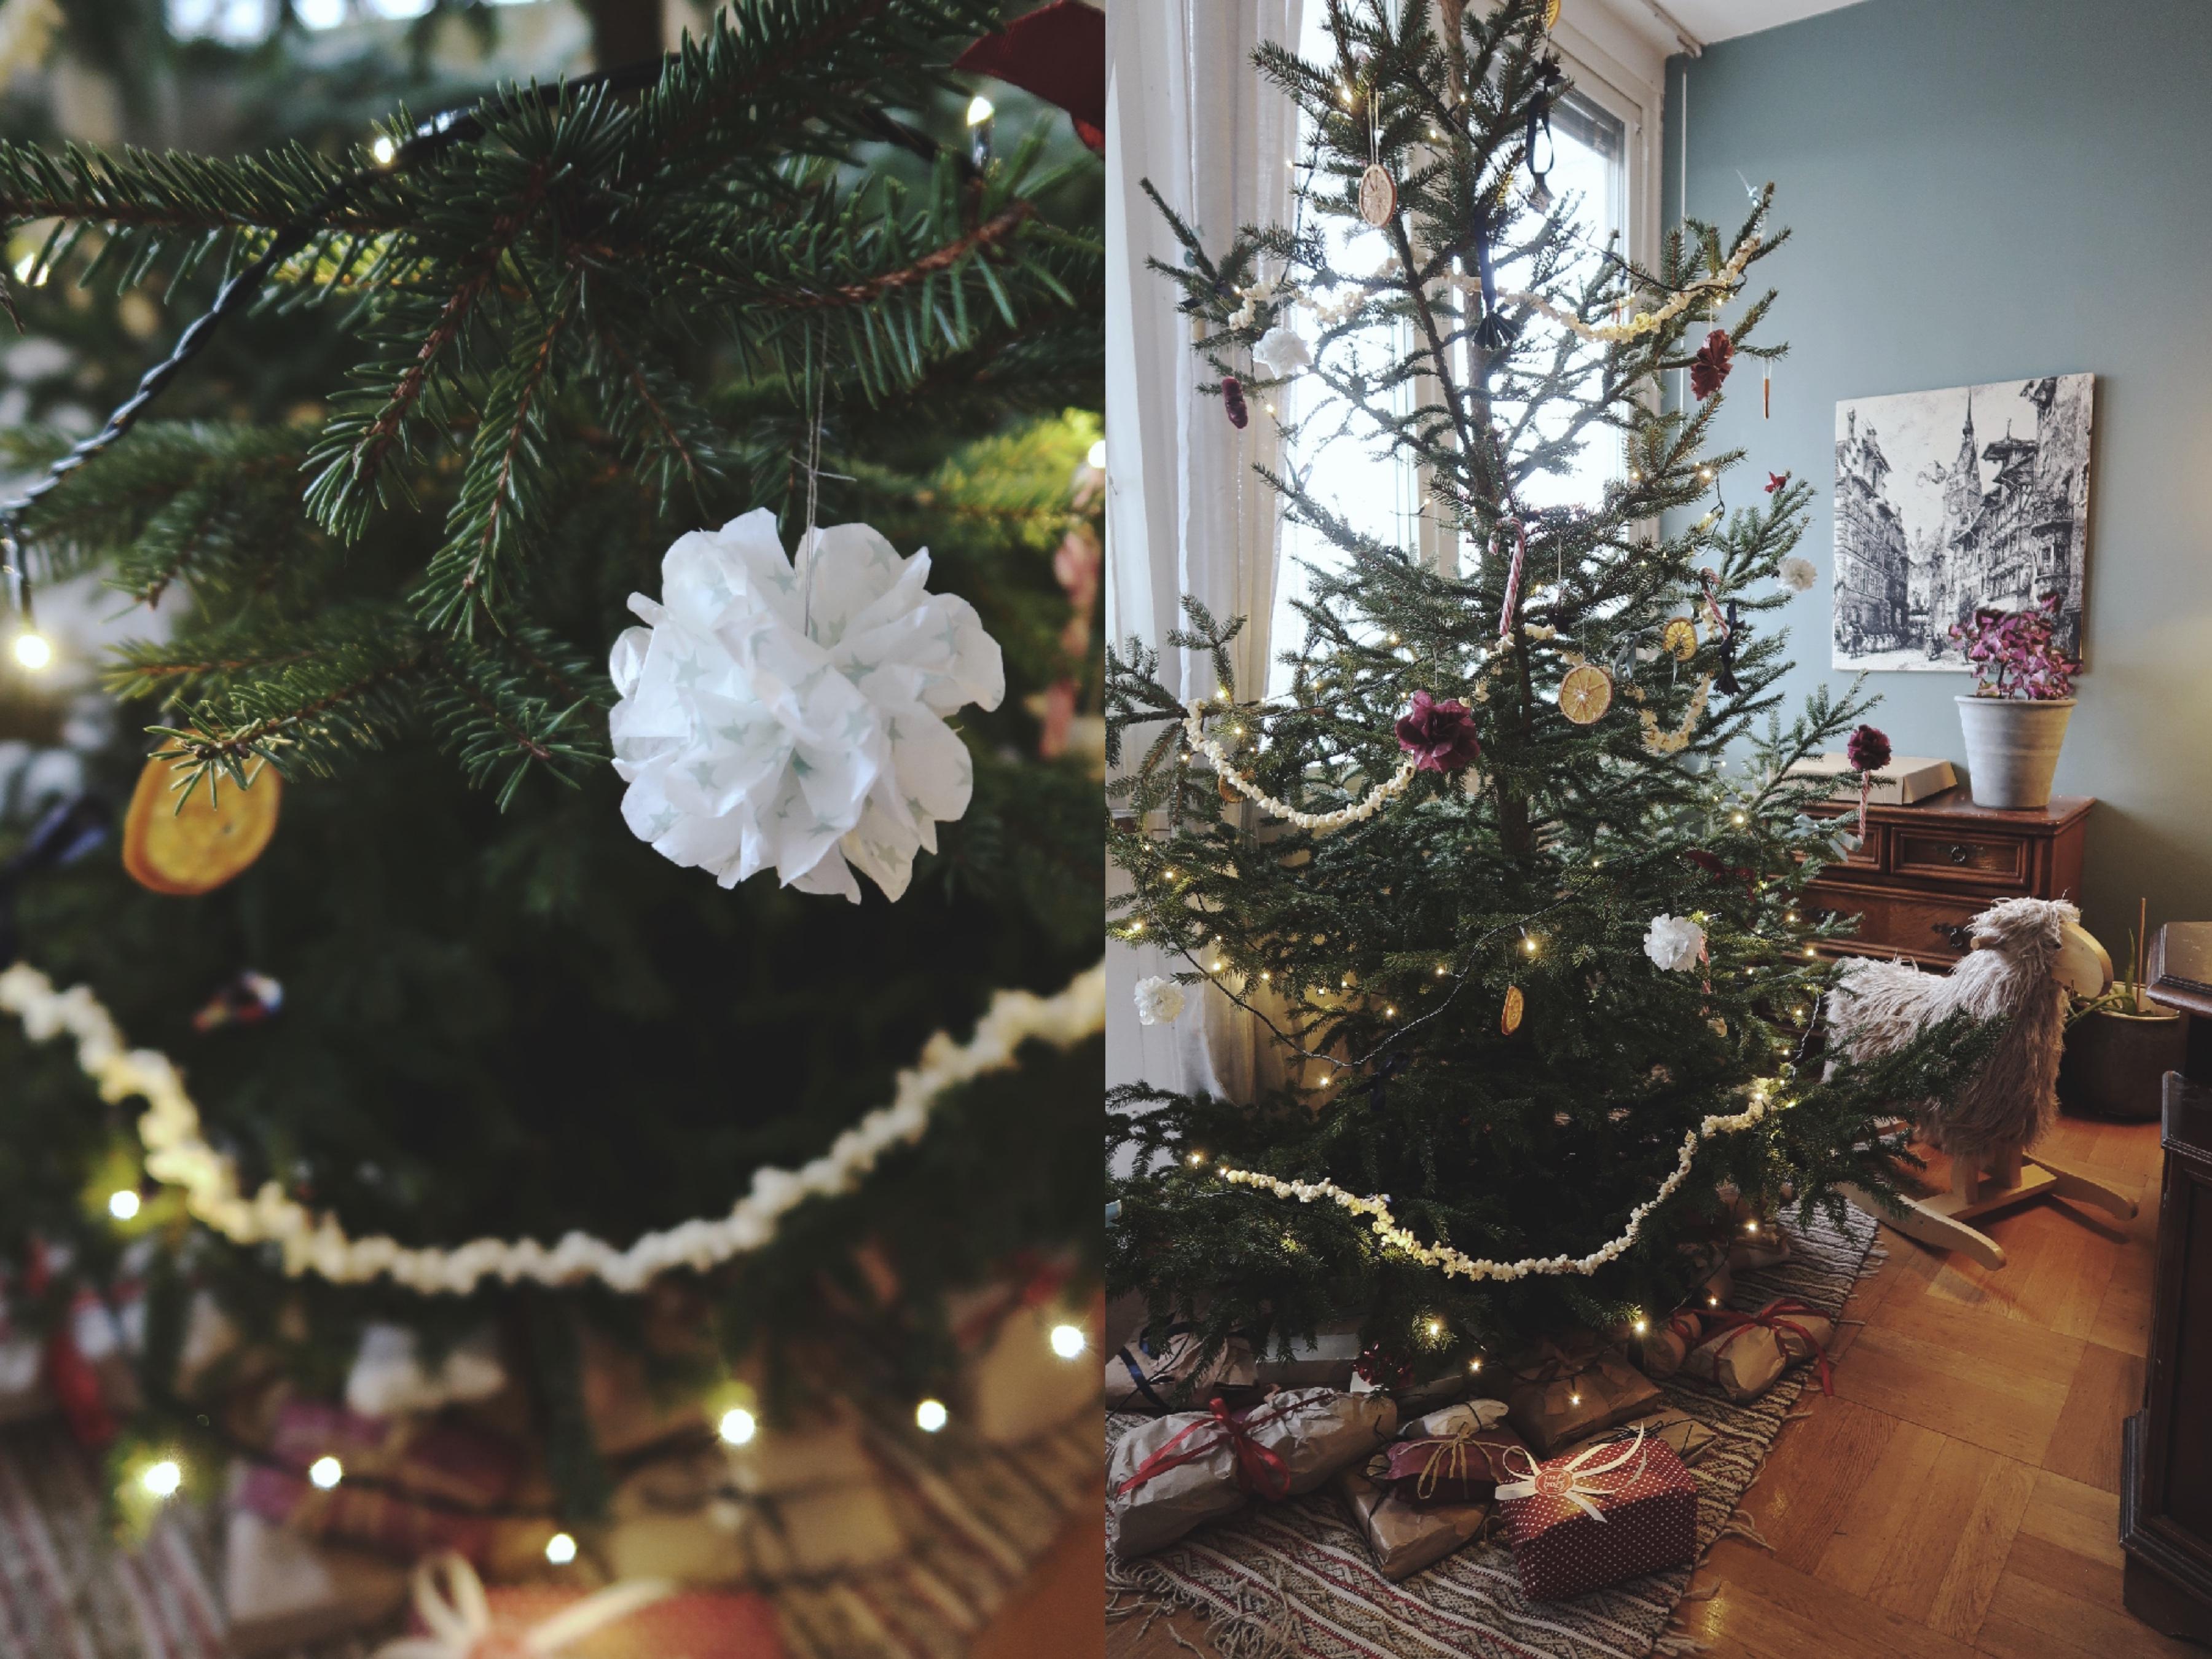 Vår hållbara julgran med återbrukat pynt och pyssel